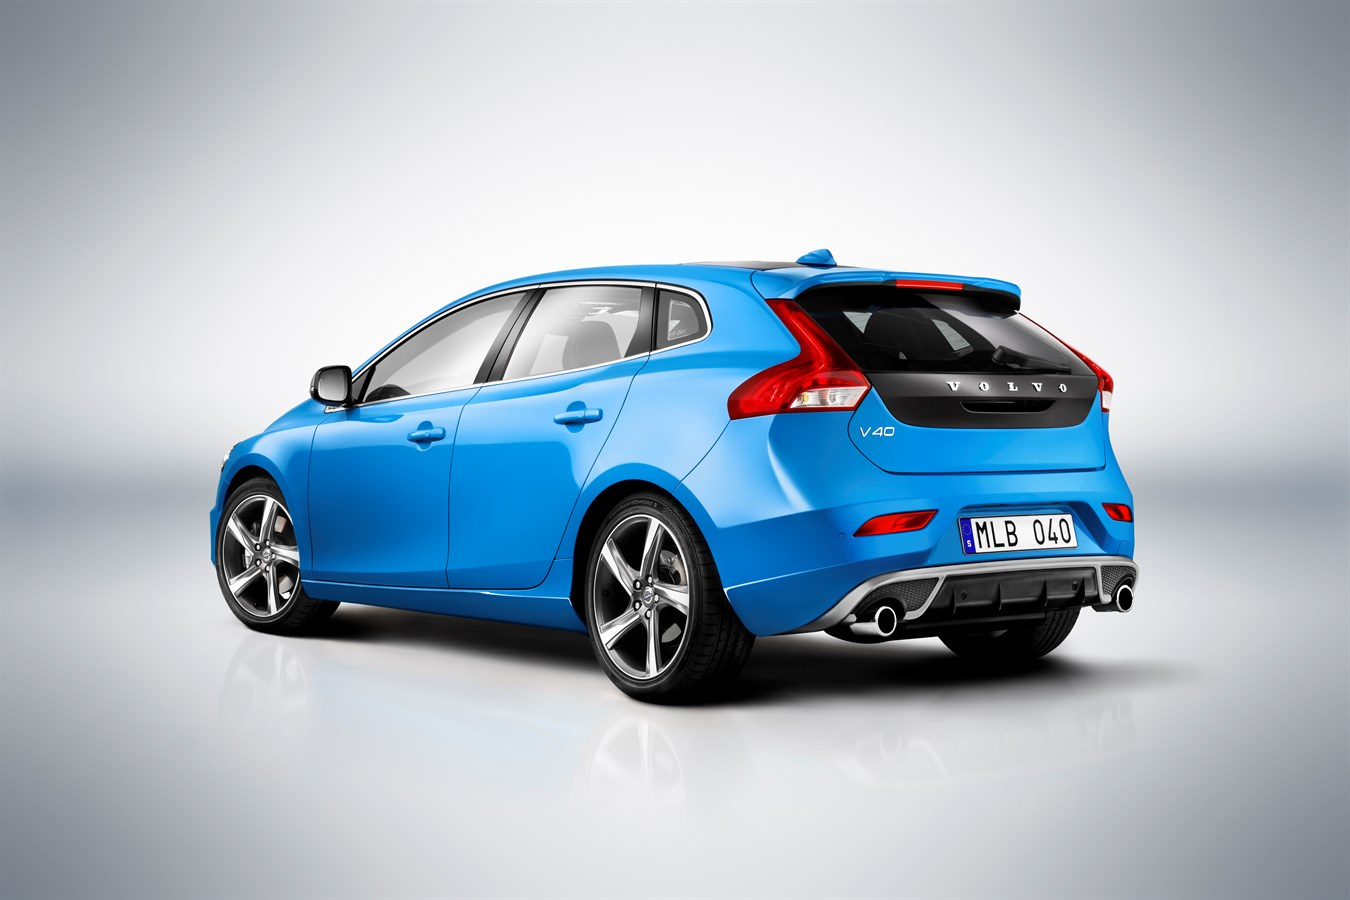 Volvo V40 Model Year 2014 Volvo Cars Global Media Newsroom